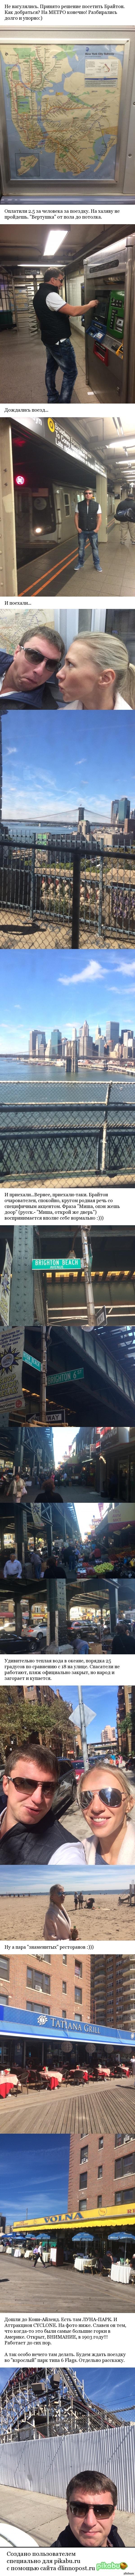 Уик-энд в Нью-Йорке. Продолжение от BiguS Кратко анонсирую: в следующей части побываем в филиале музея Мадам Тюссо и залезем на самый верх Эмпайр-стейт билдинг.